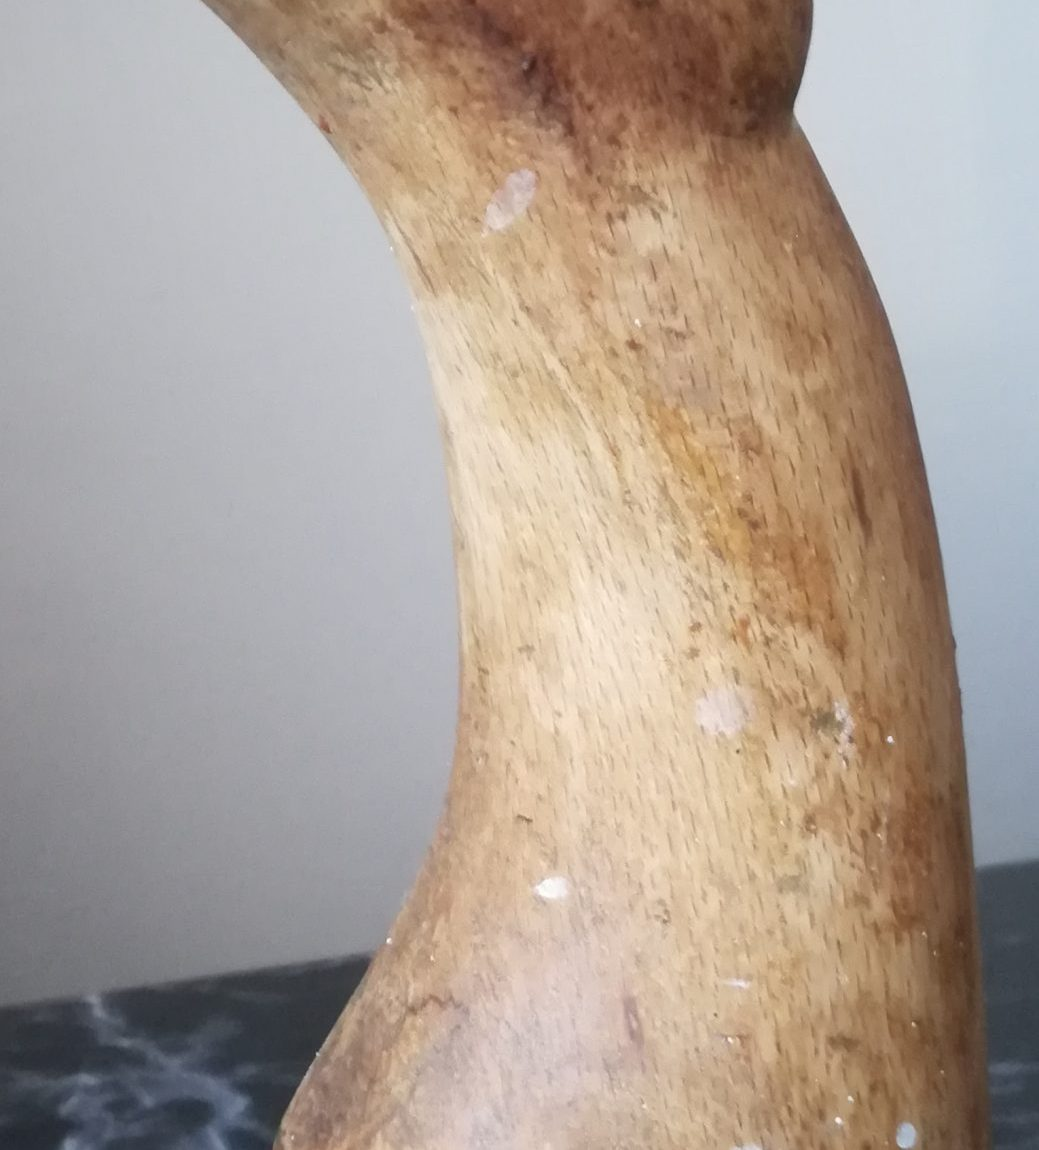 Gülseren Dalbudak Teknik:Gürgen ağacından heykel Boyut: 30x10x10cm. Fiyat:1.180TL